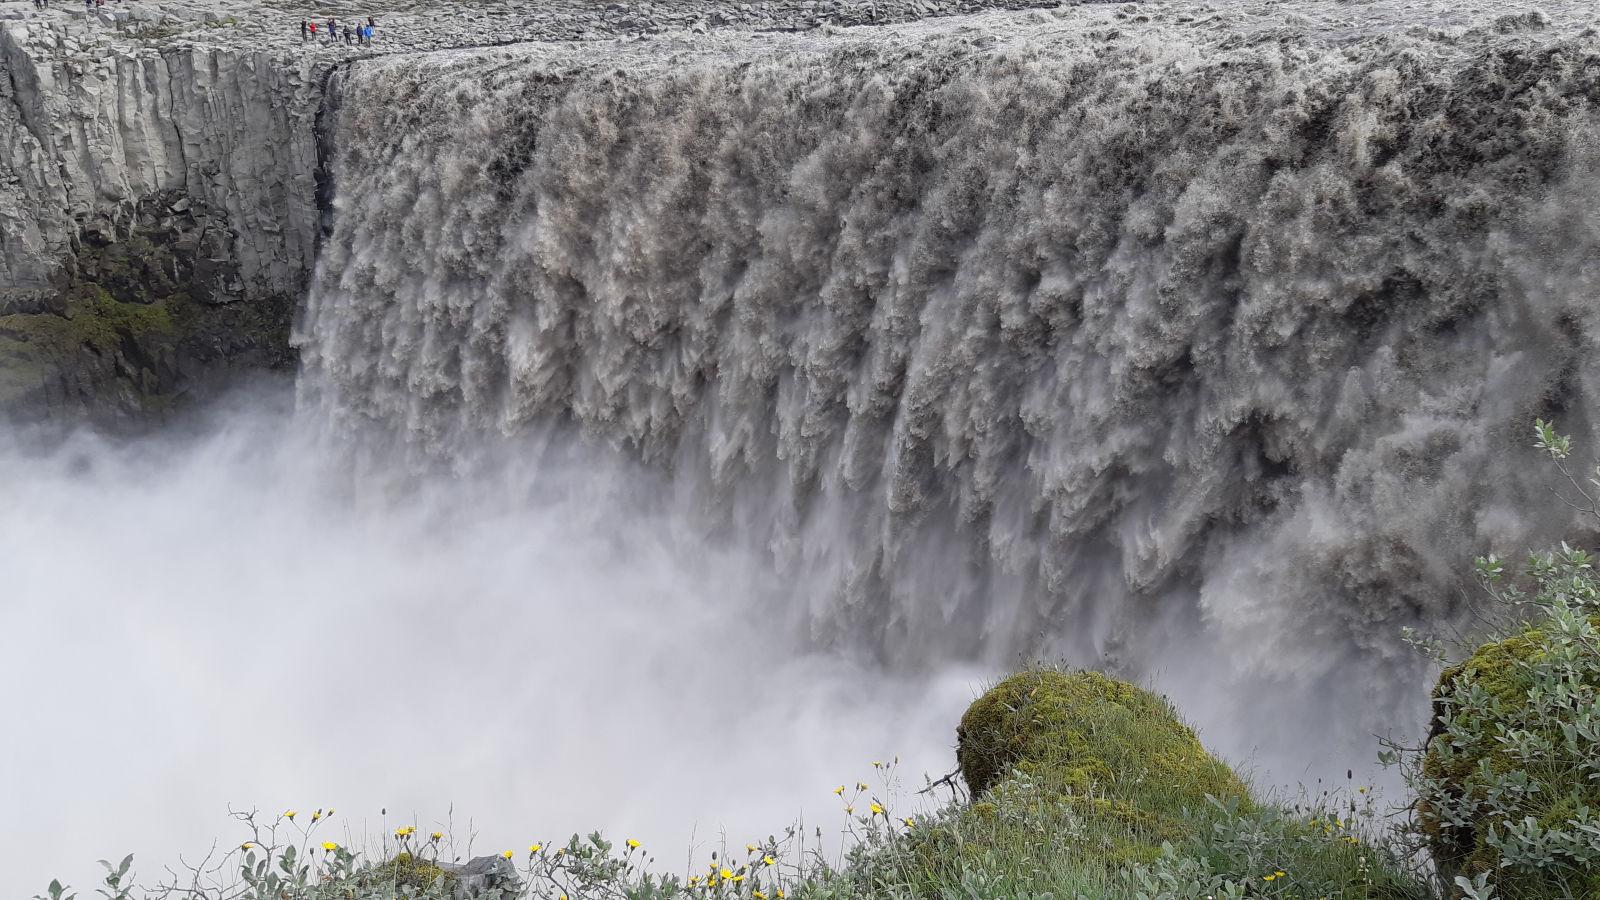 Wasserfall Dettifoss von der Touristenseite.